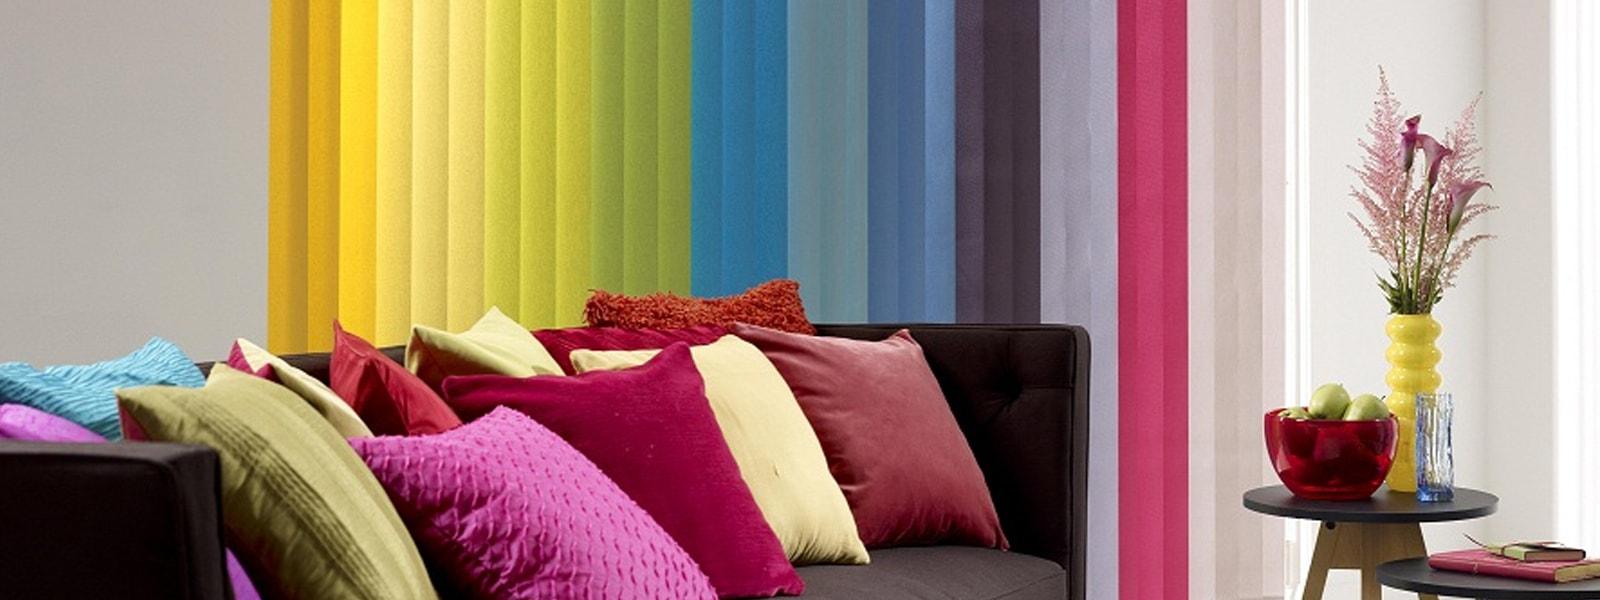 Colour blinds